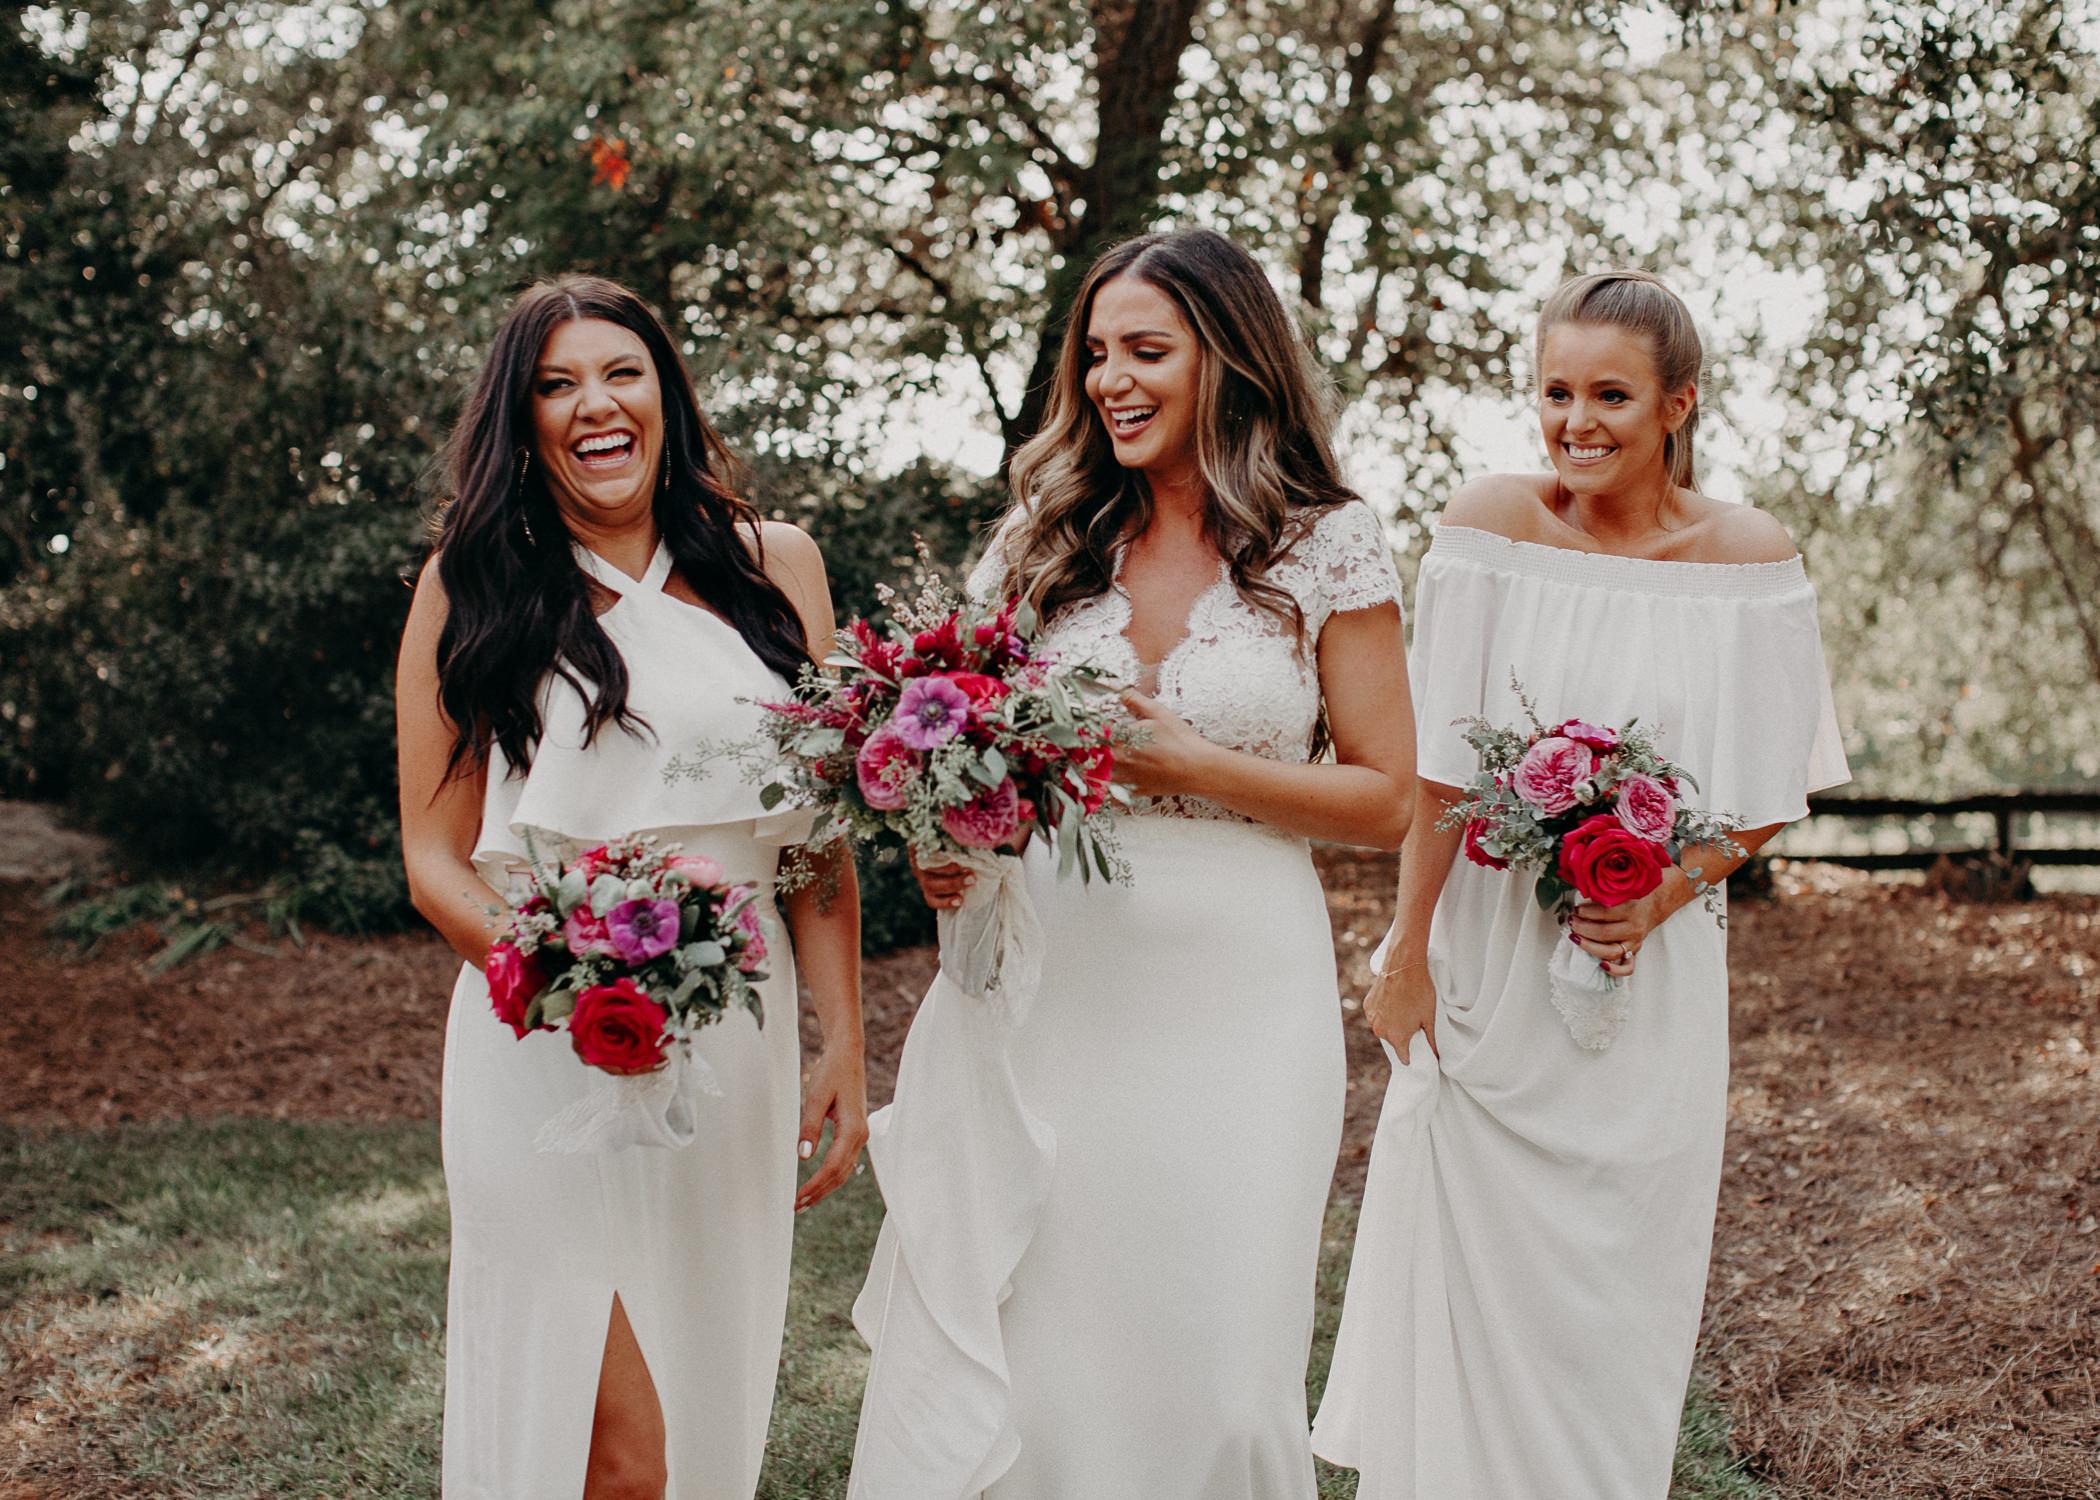 39 - wedding dress, bridesmaids, bouquet - bride getting ready wedding seranbi farms atlanta .jpg